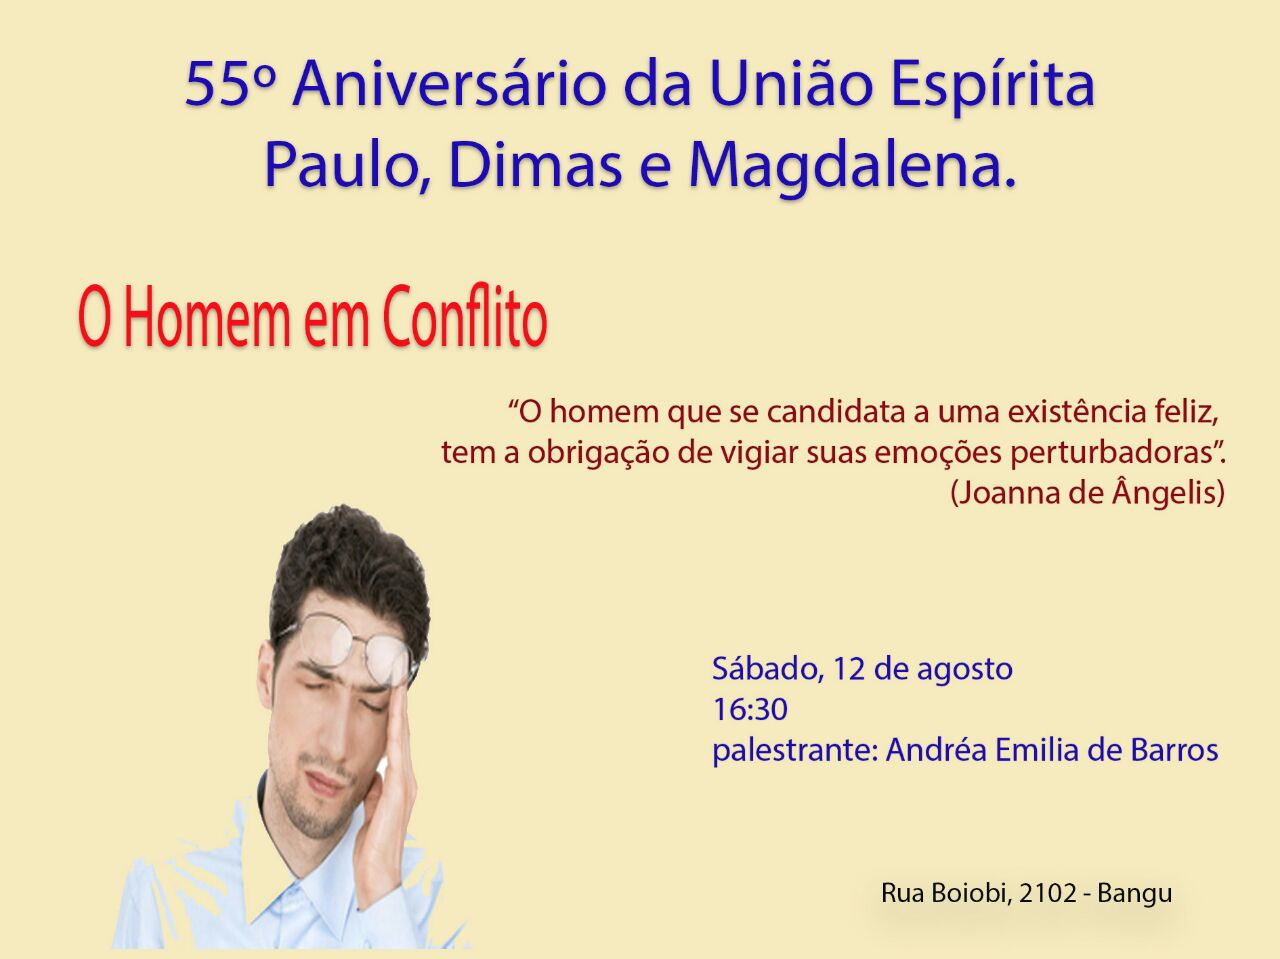 Aniversário da União Espírita Paulo, Dimas e Madalena.